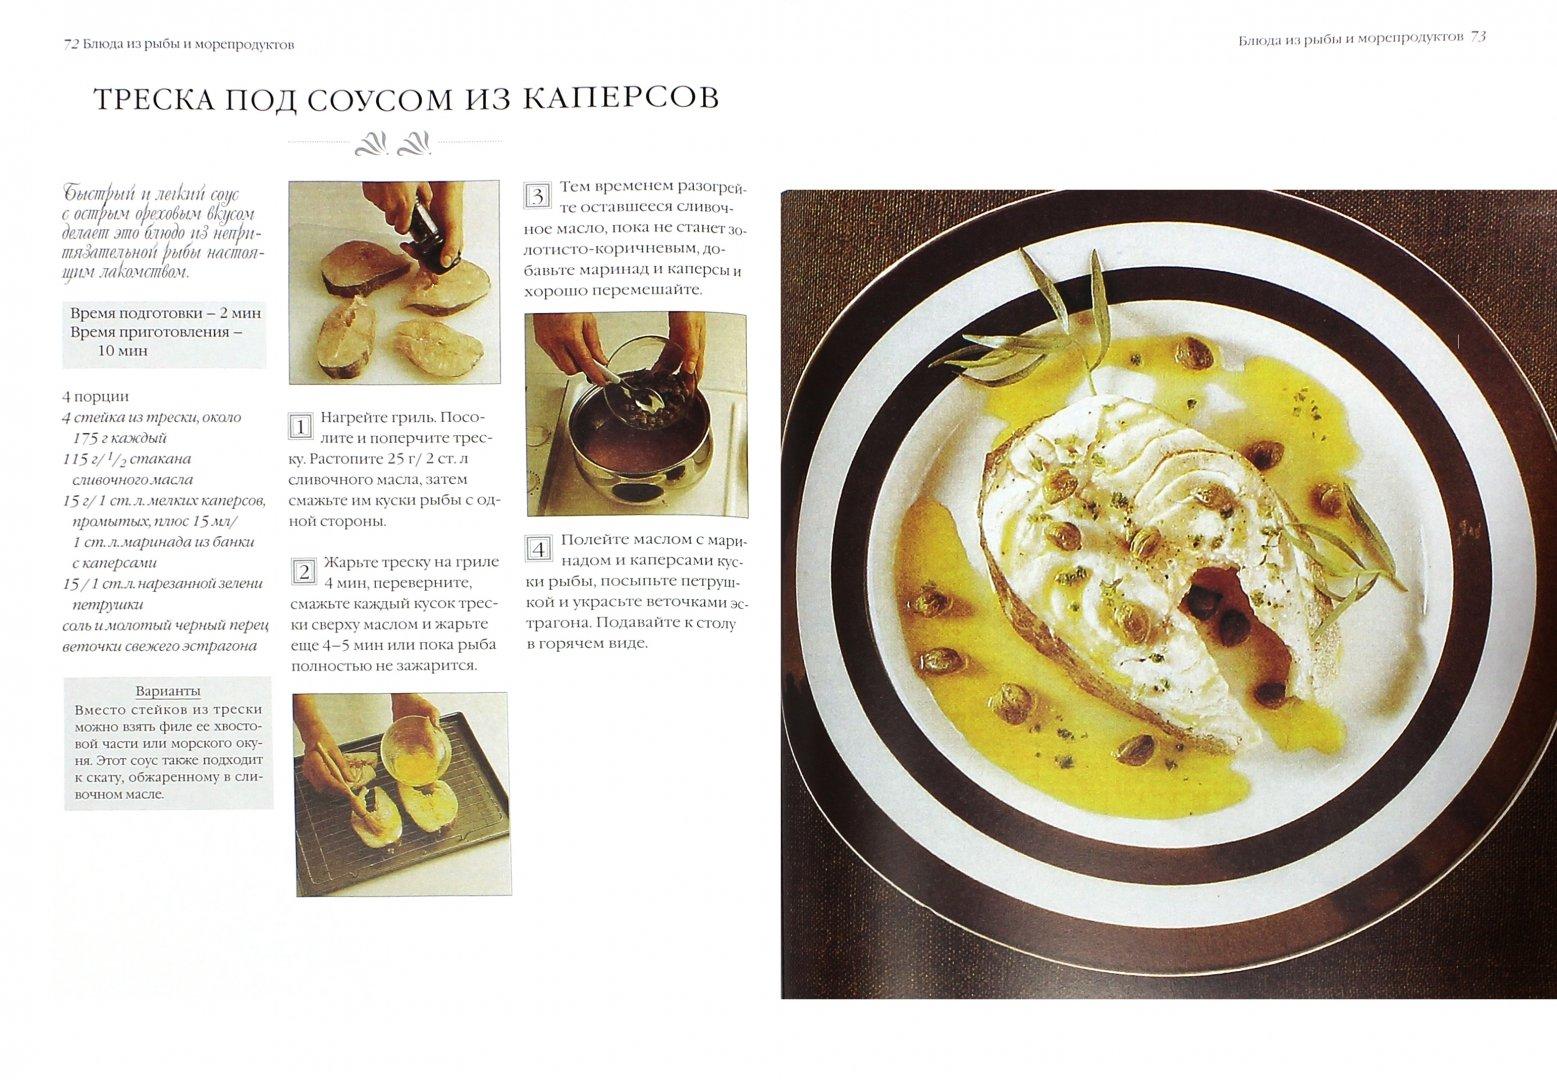 Иллюстрация 1 из 12 для Готовим за 20 минут. Коллекция кулинарных рецептов - Дженни Флитвуд   Лабиринт - книги. Источник: Лабиринт